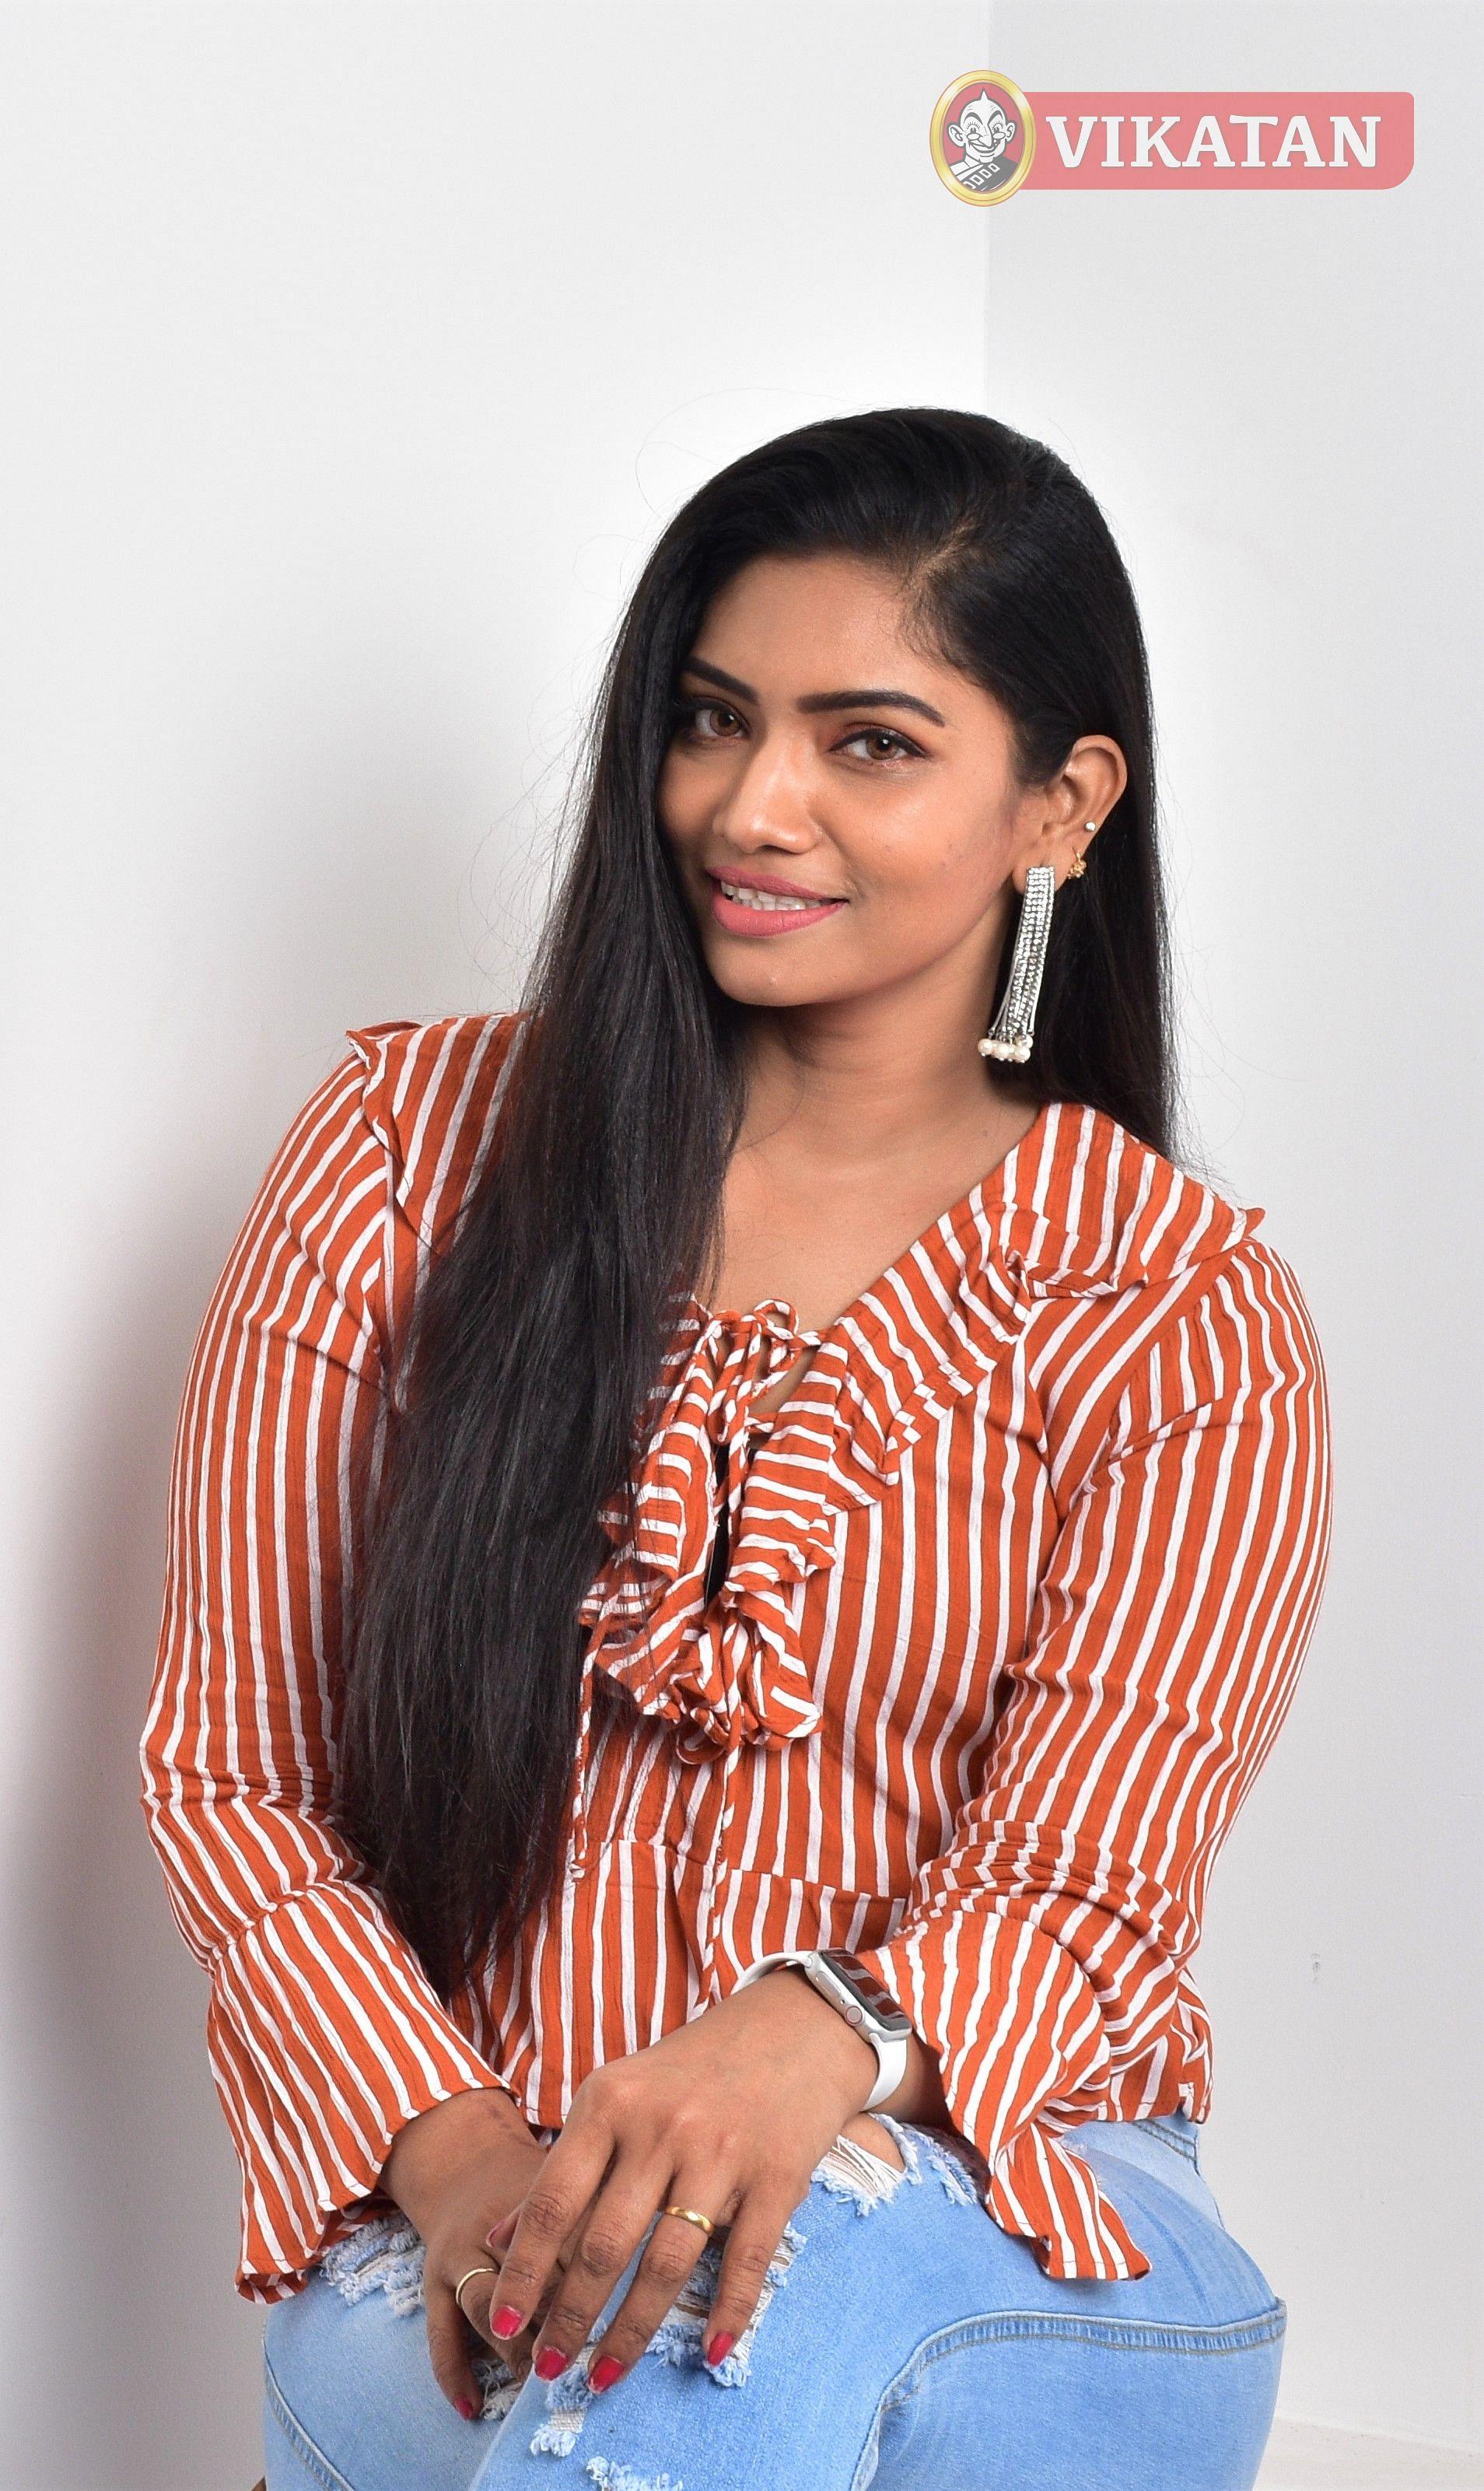 DSC 7140 Tamil News Spot